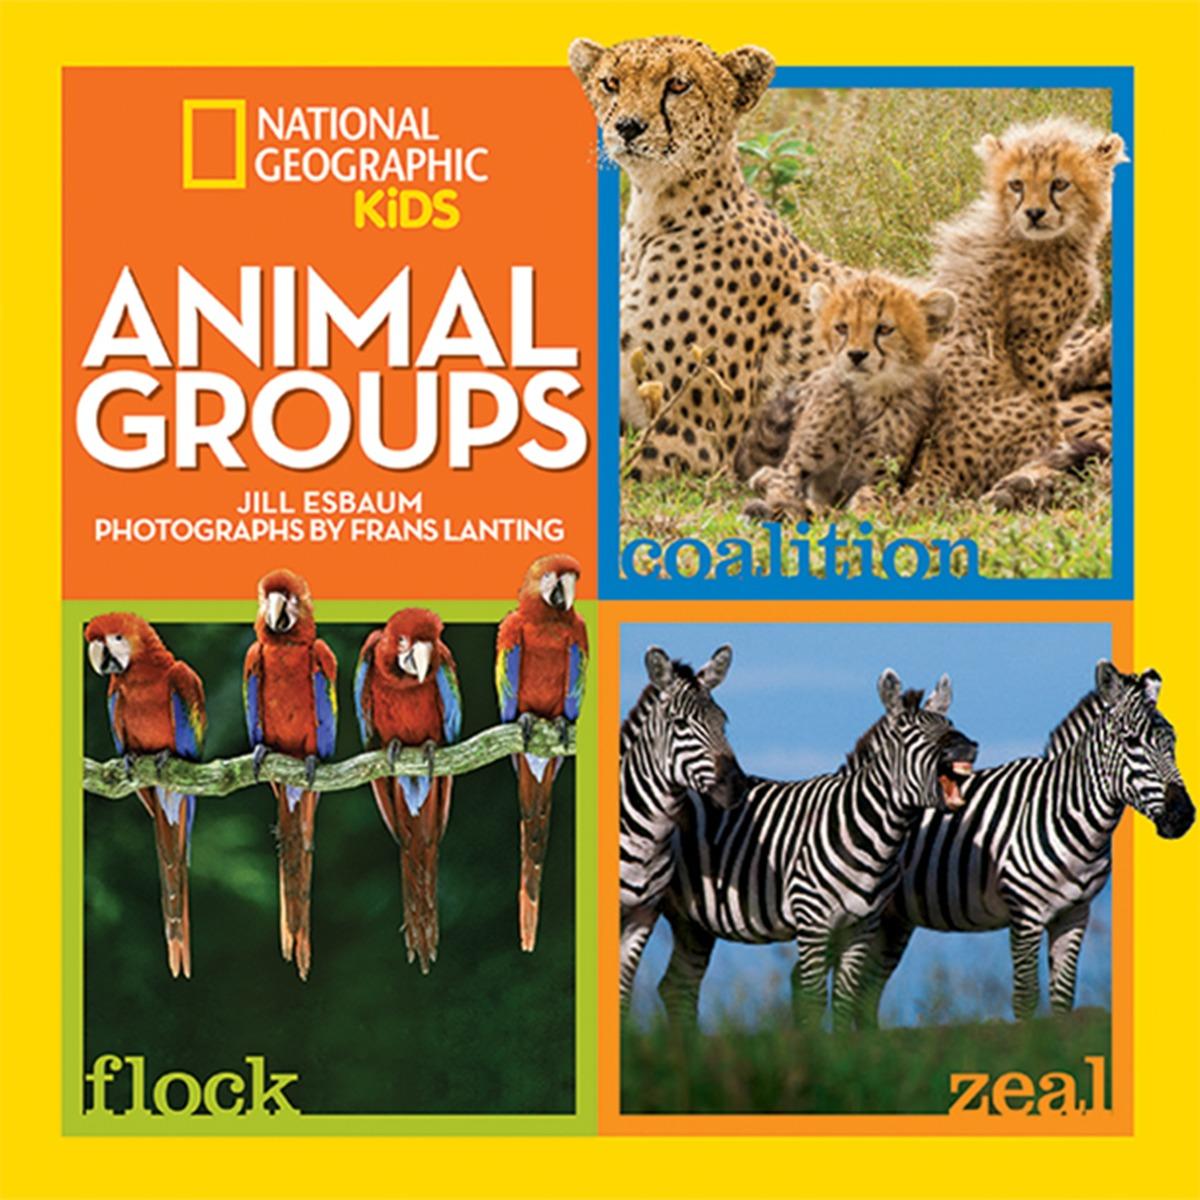 ESBAUM, JILL ANIMAL GROUPS 38 parrots